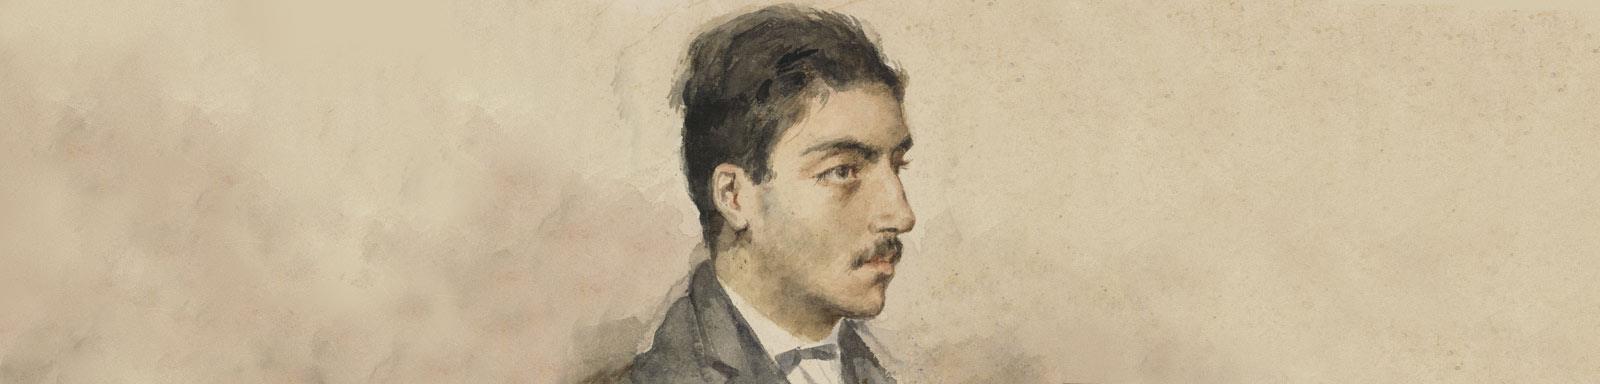 Sánchez Perrier, Emilio